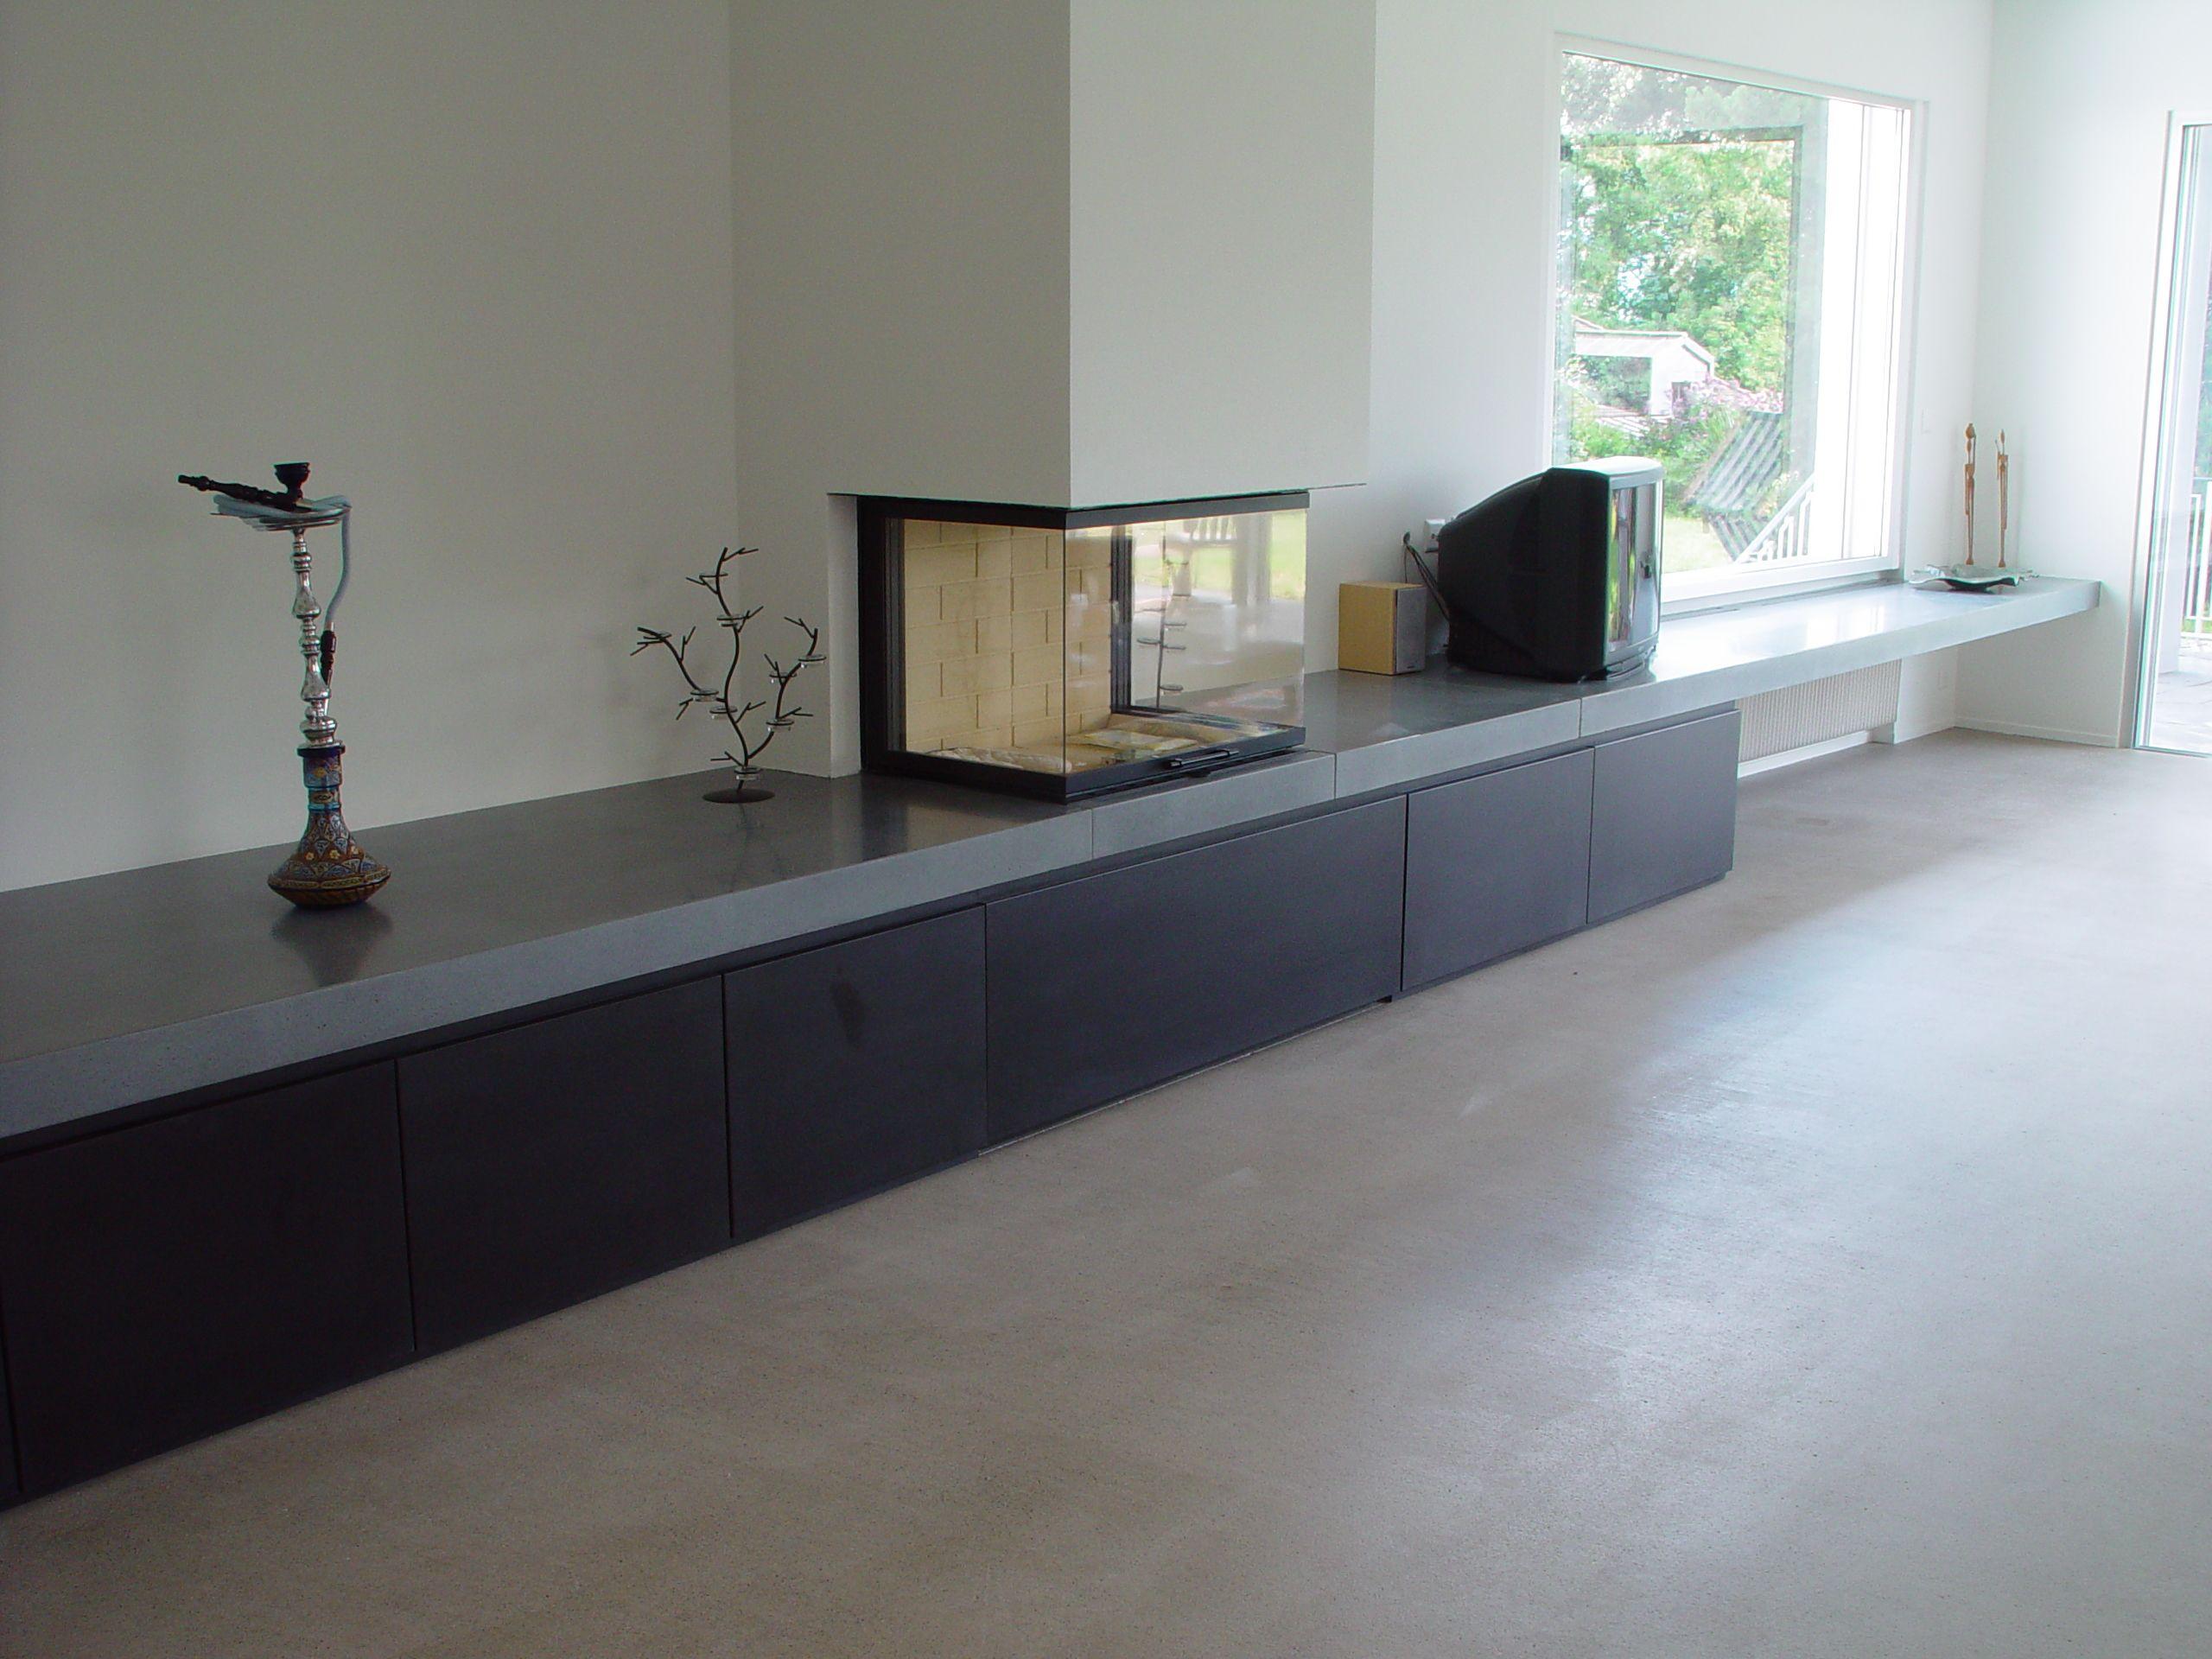 kaminbank wohnen living pinterest kachelofen kacheln und ofen. Black Bedroom Furniture Sets. Home Design Ideas